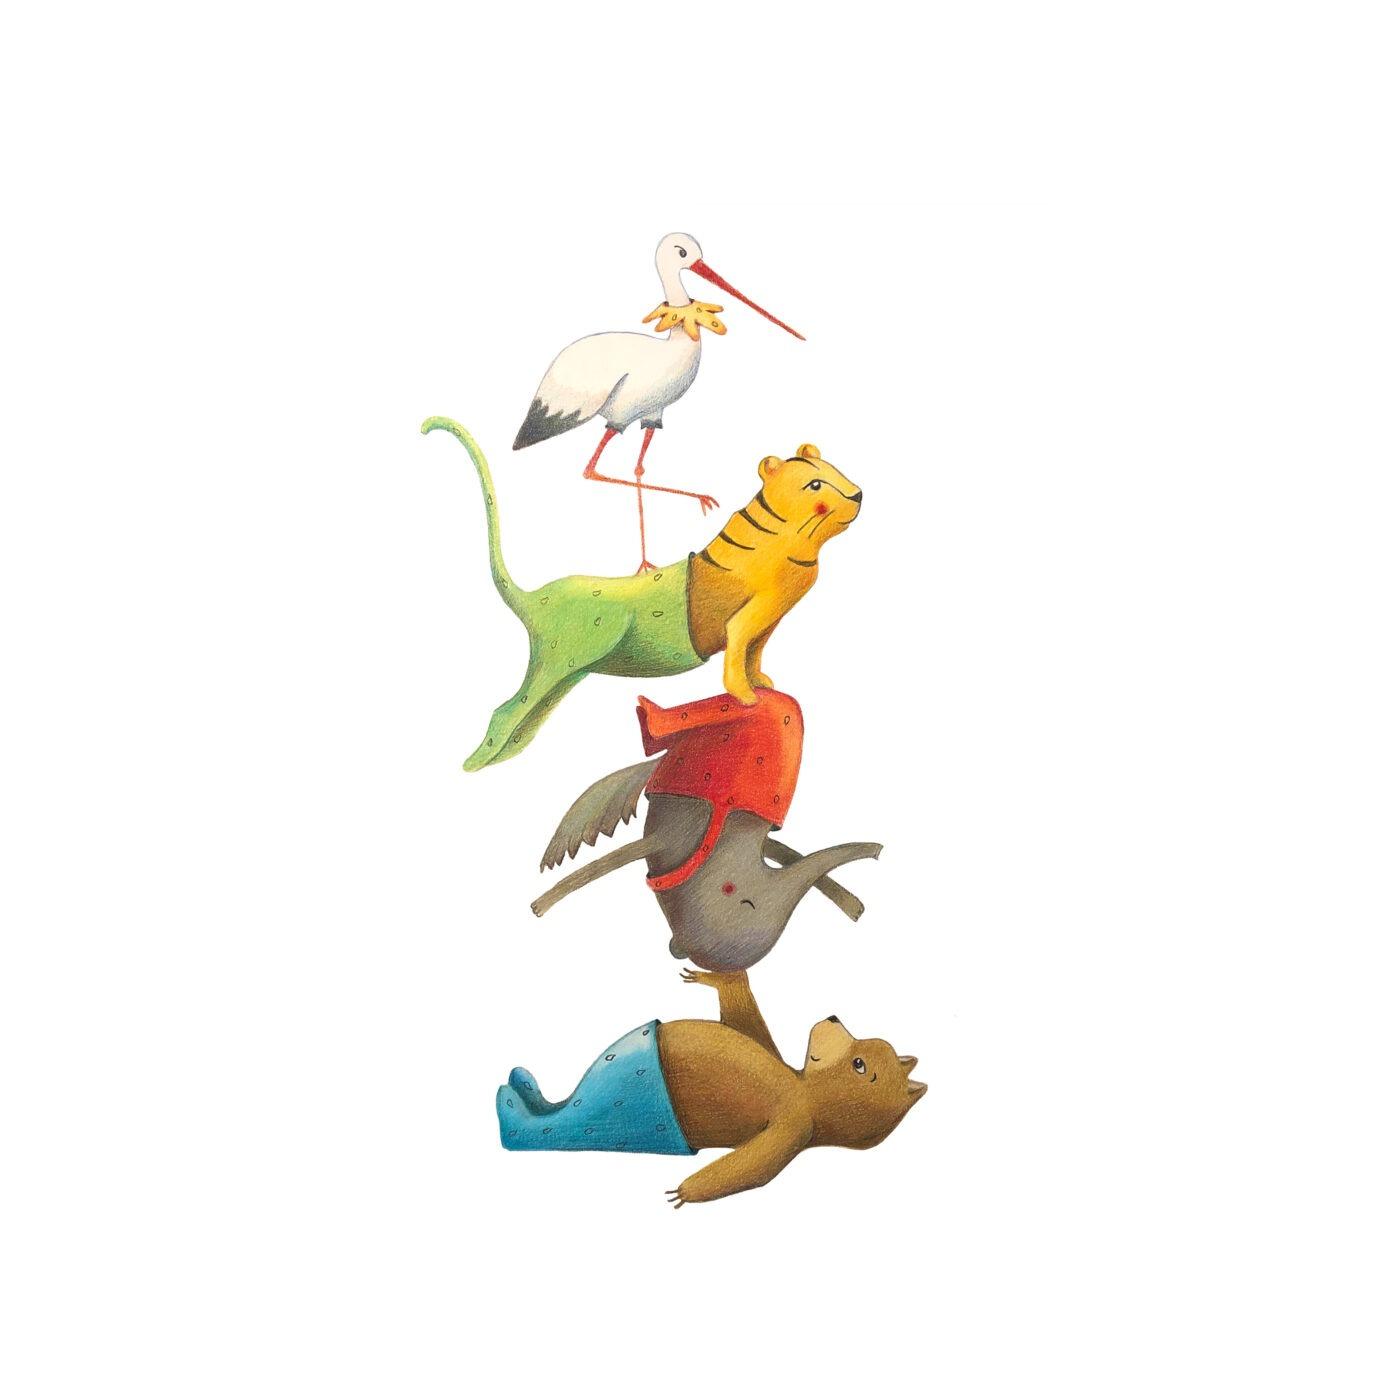 tekening dieren - kinderkamervintage - geboortekaartje